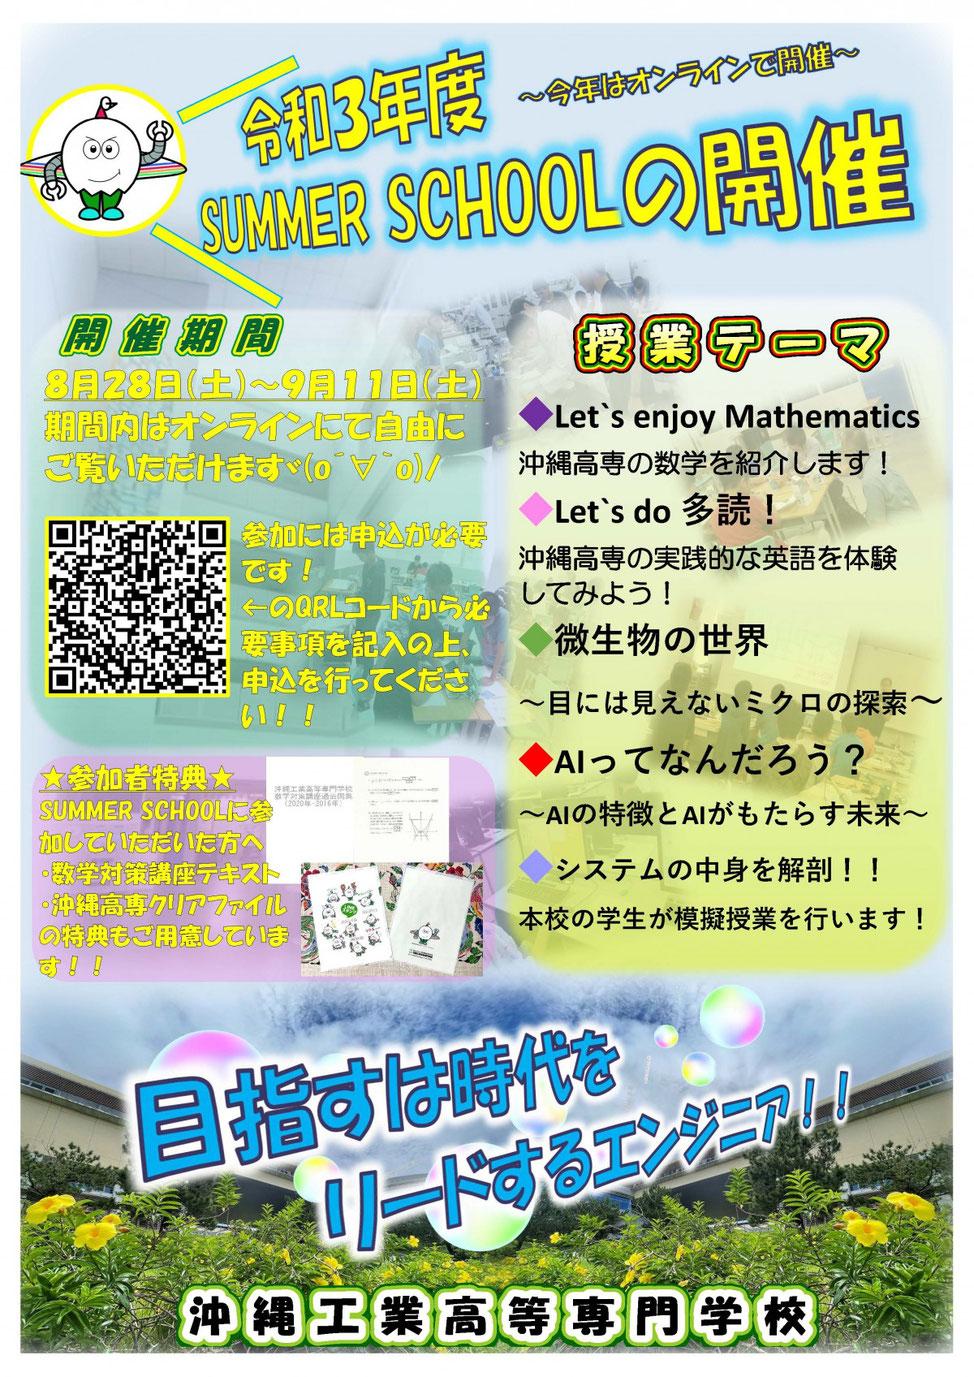 沖縄高専,サマースクール,オンライン実施